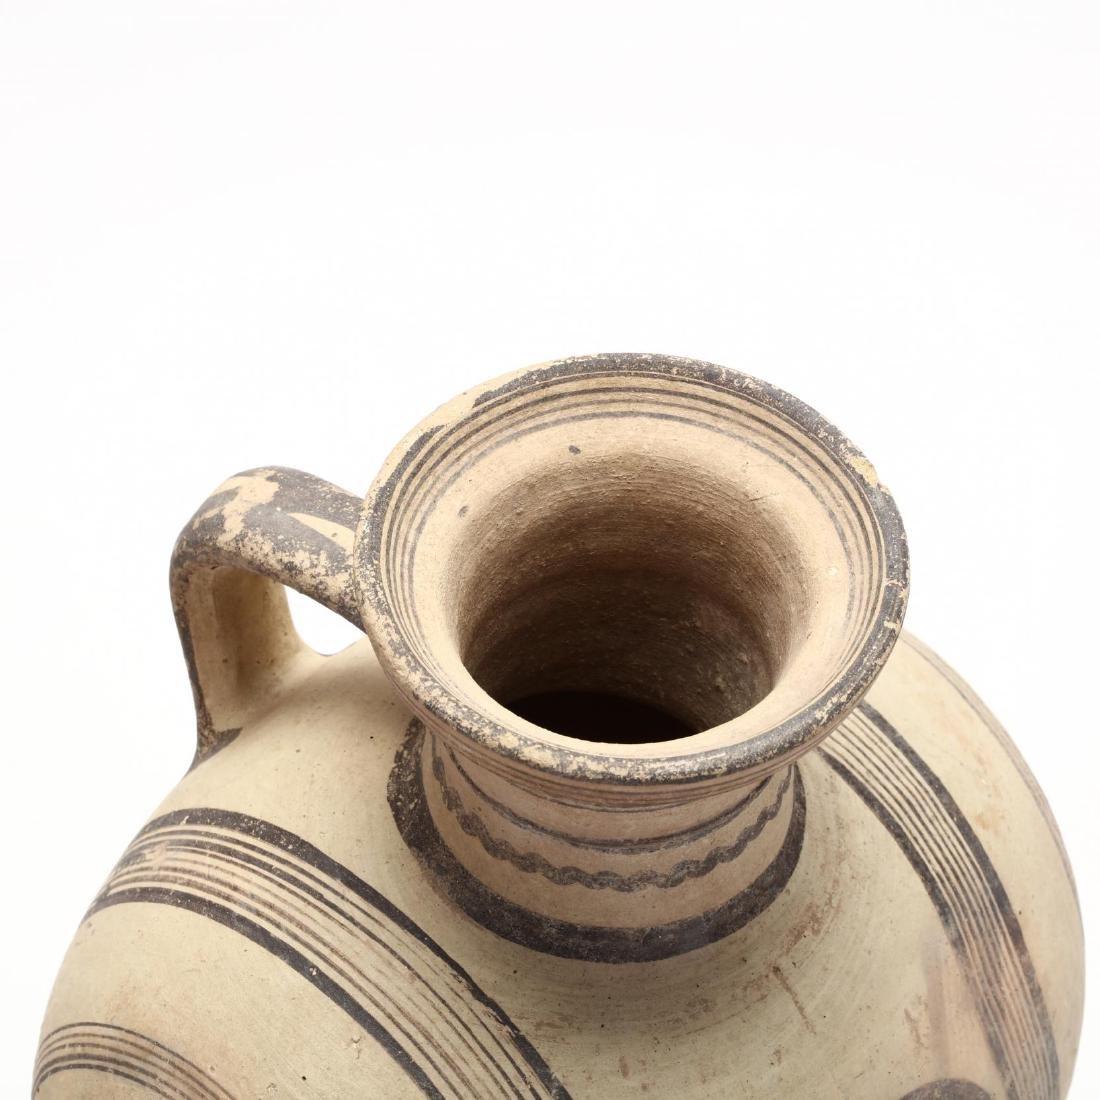 Large Cypro-Archaic Knob-End Jug - 2